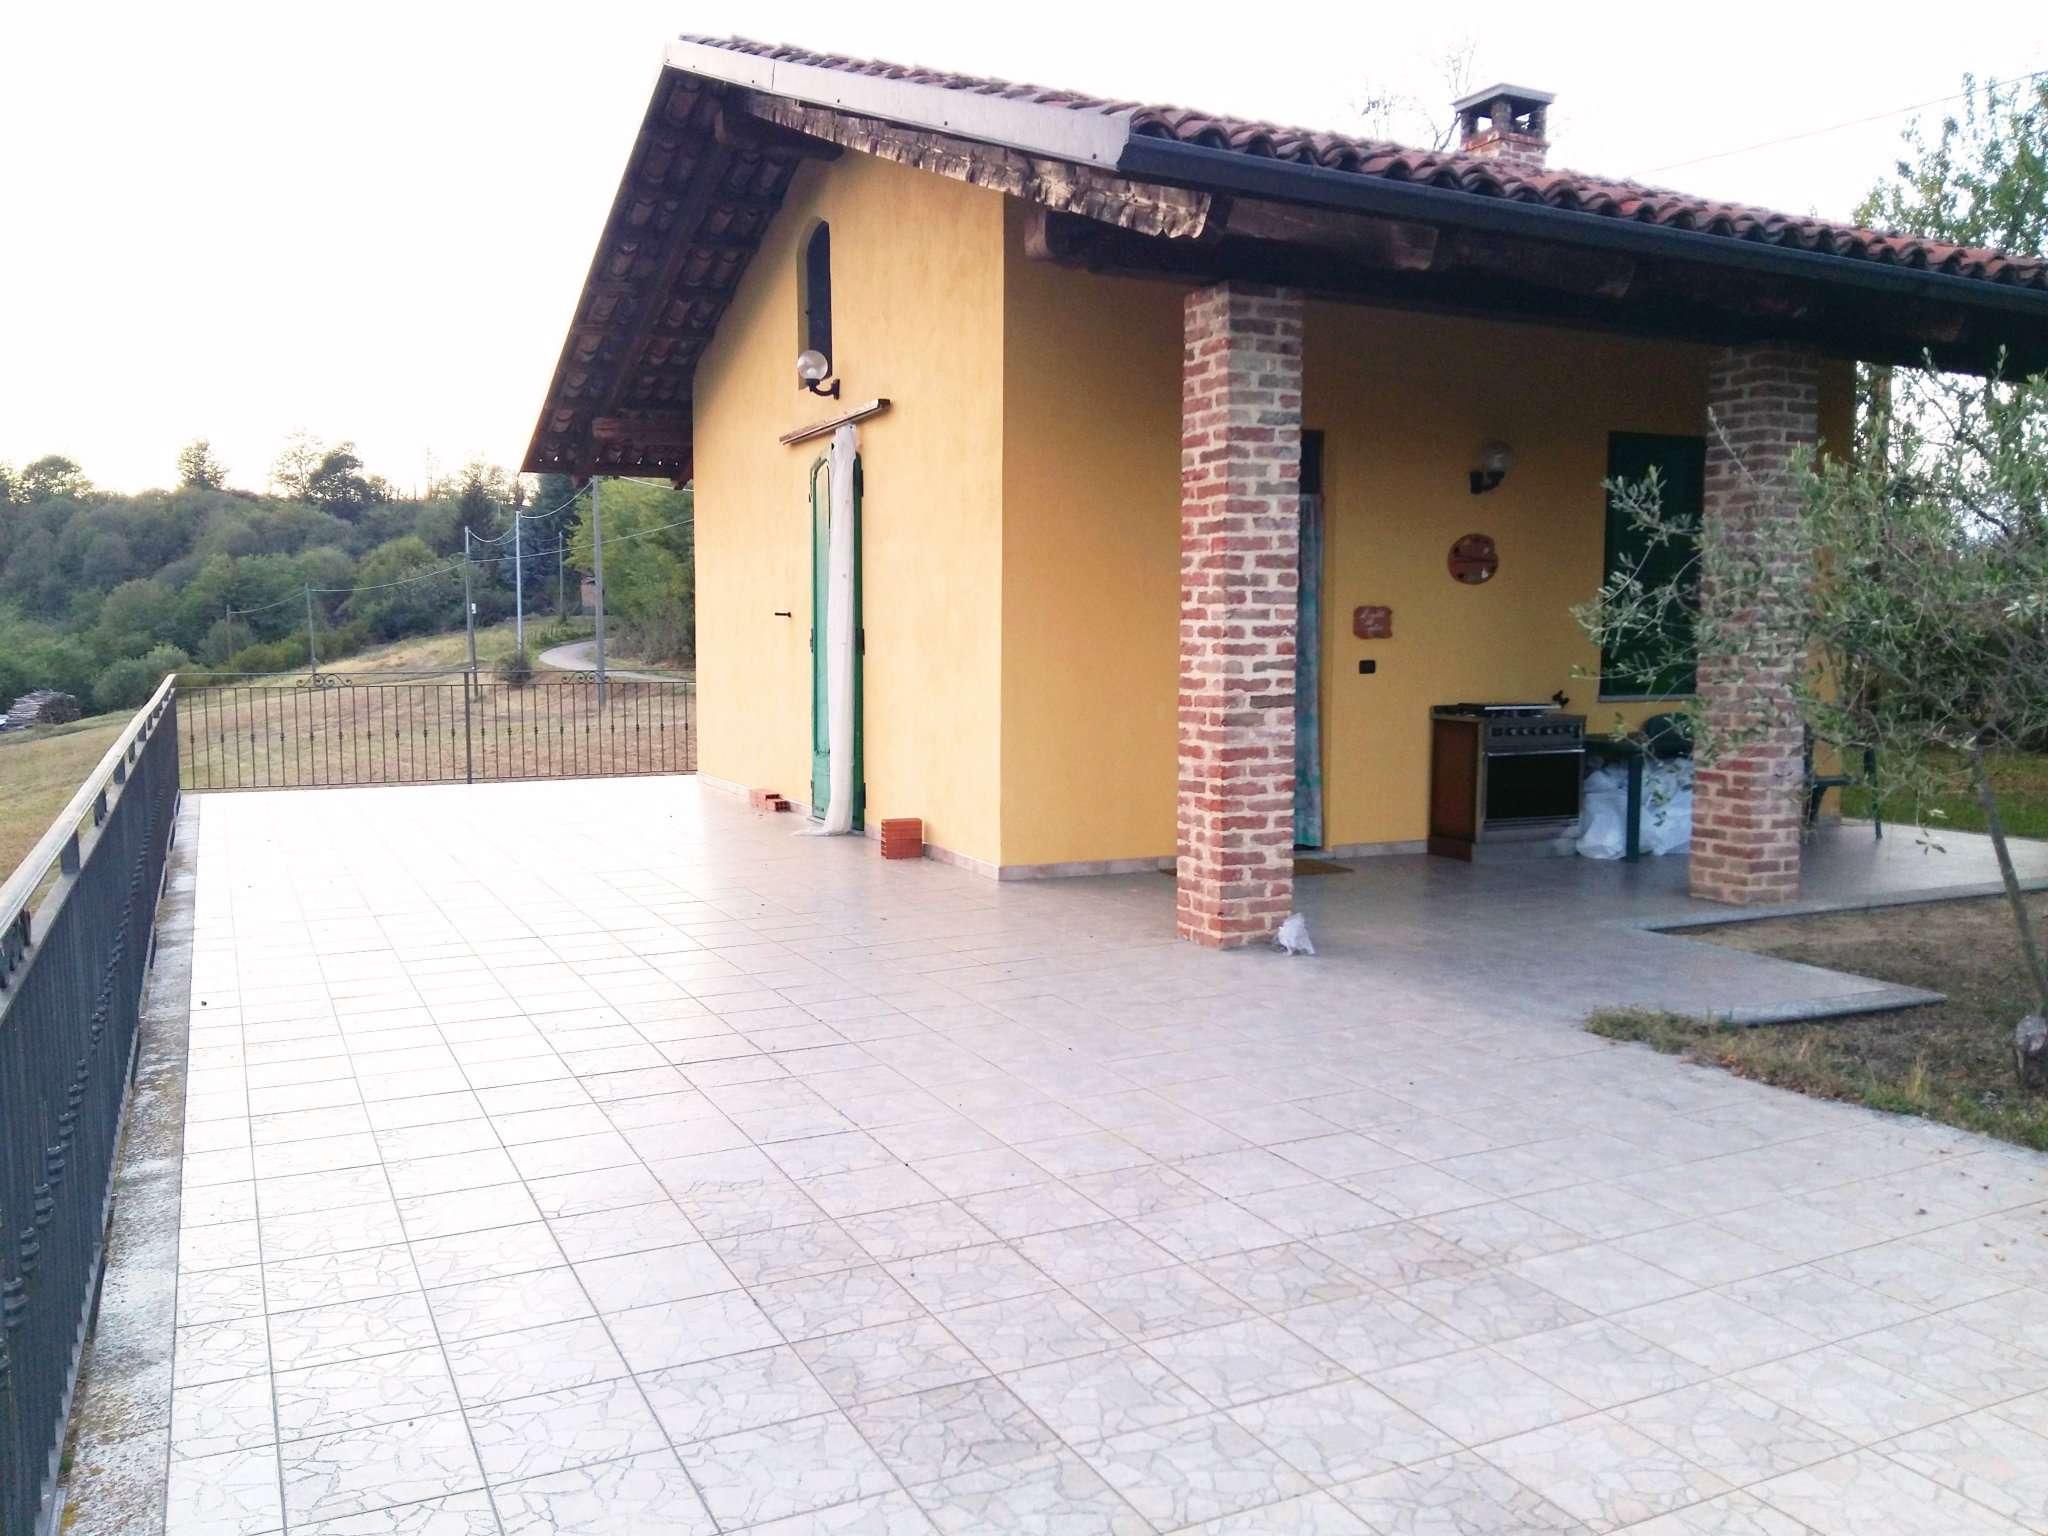 Soluzione Indipendente in affitto a Montafia, 3 locali, prezzo € 430 | CambioCasa.it